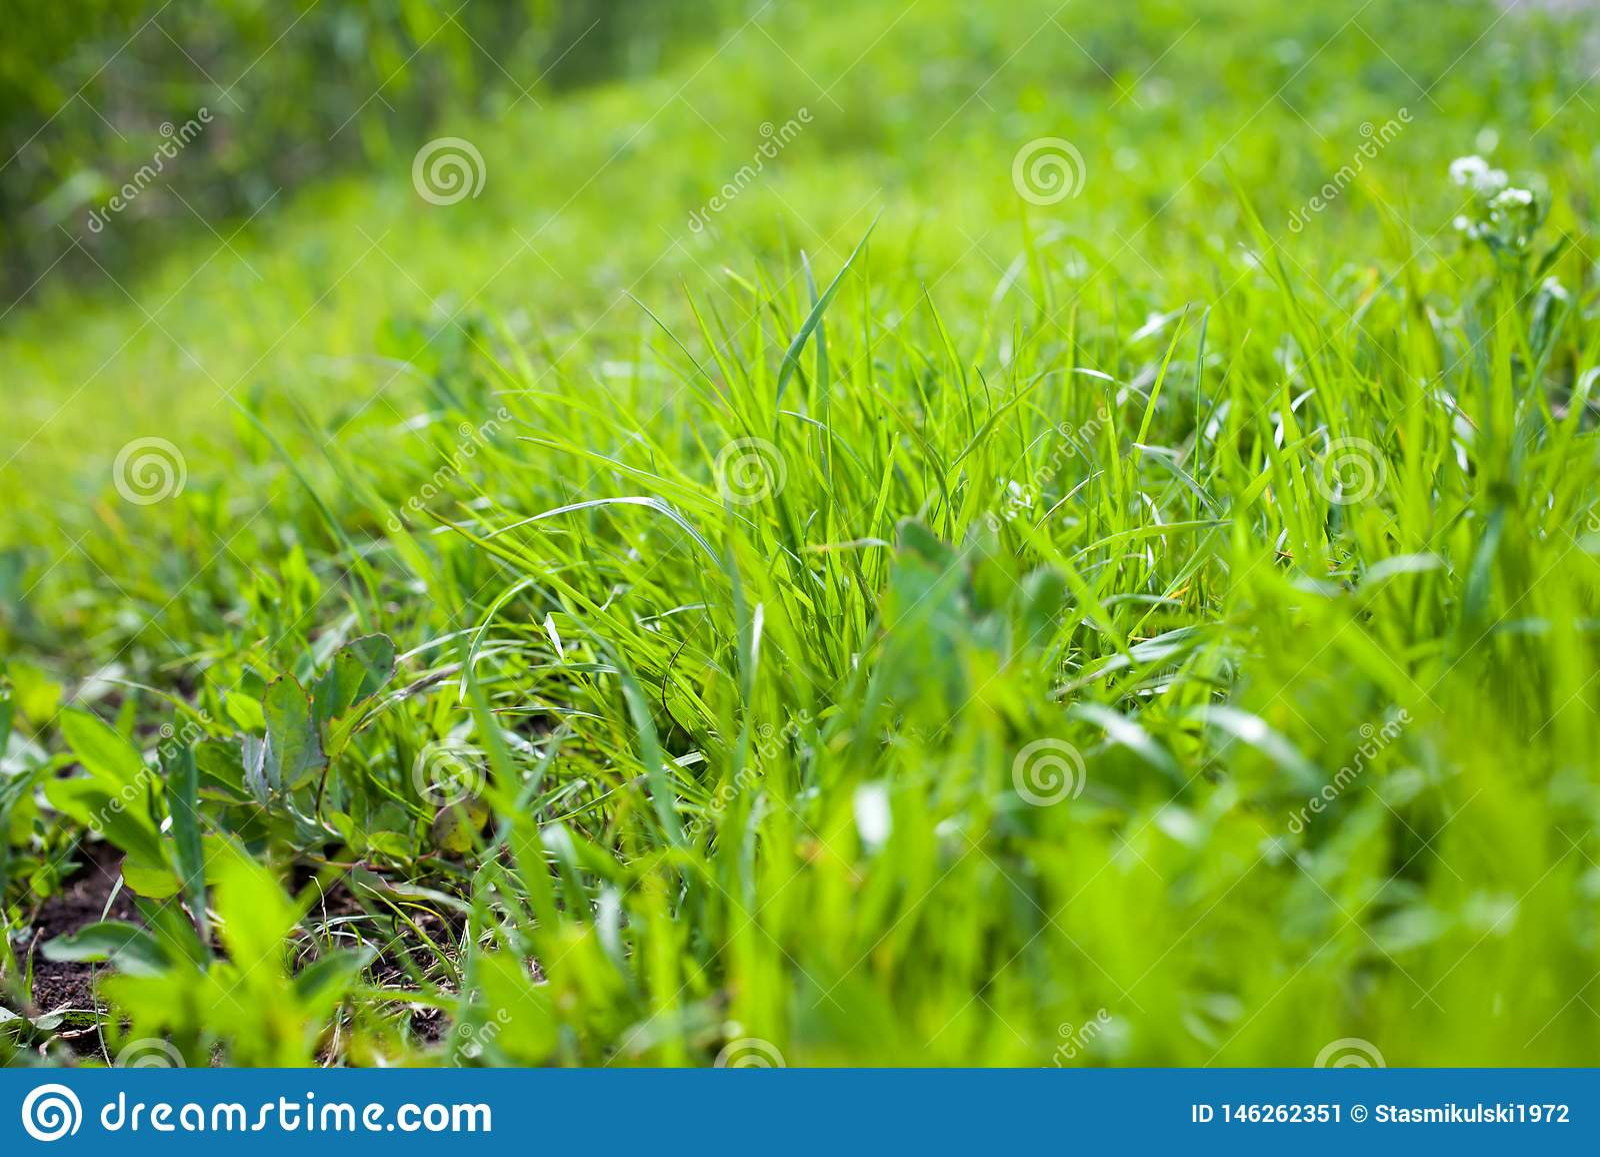 Primer de la hierba verde en verano